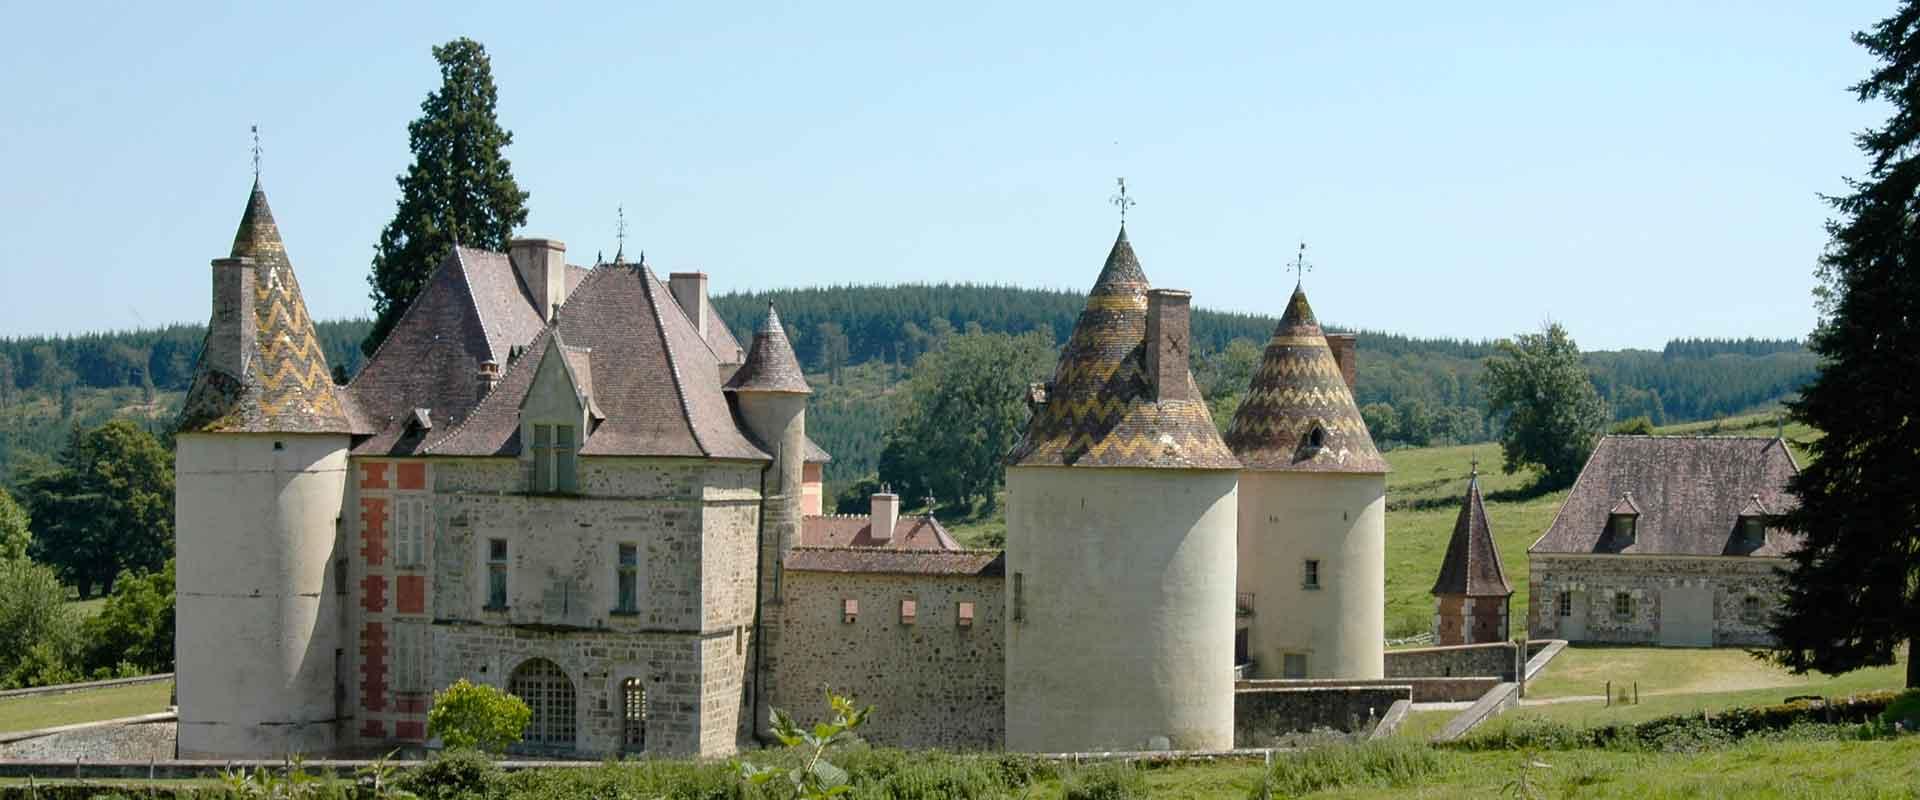 Bed And Breakfast Morvan Bourgogne Frankrijk BampB Mortaise